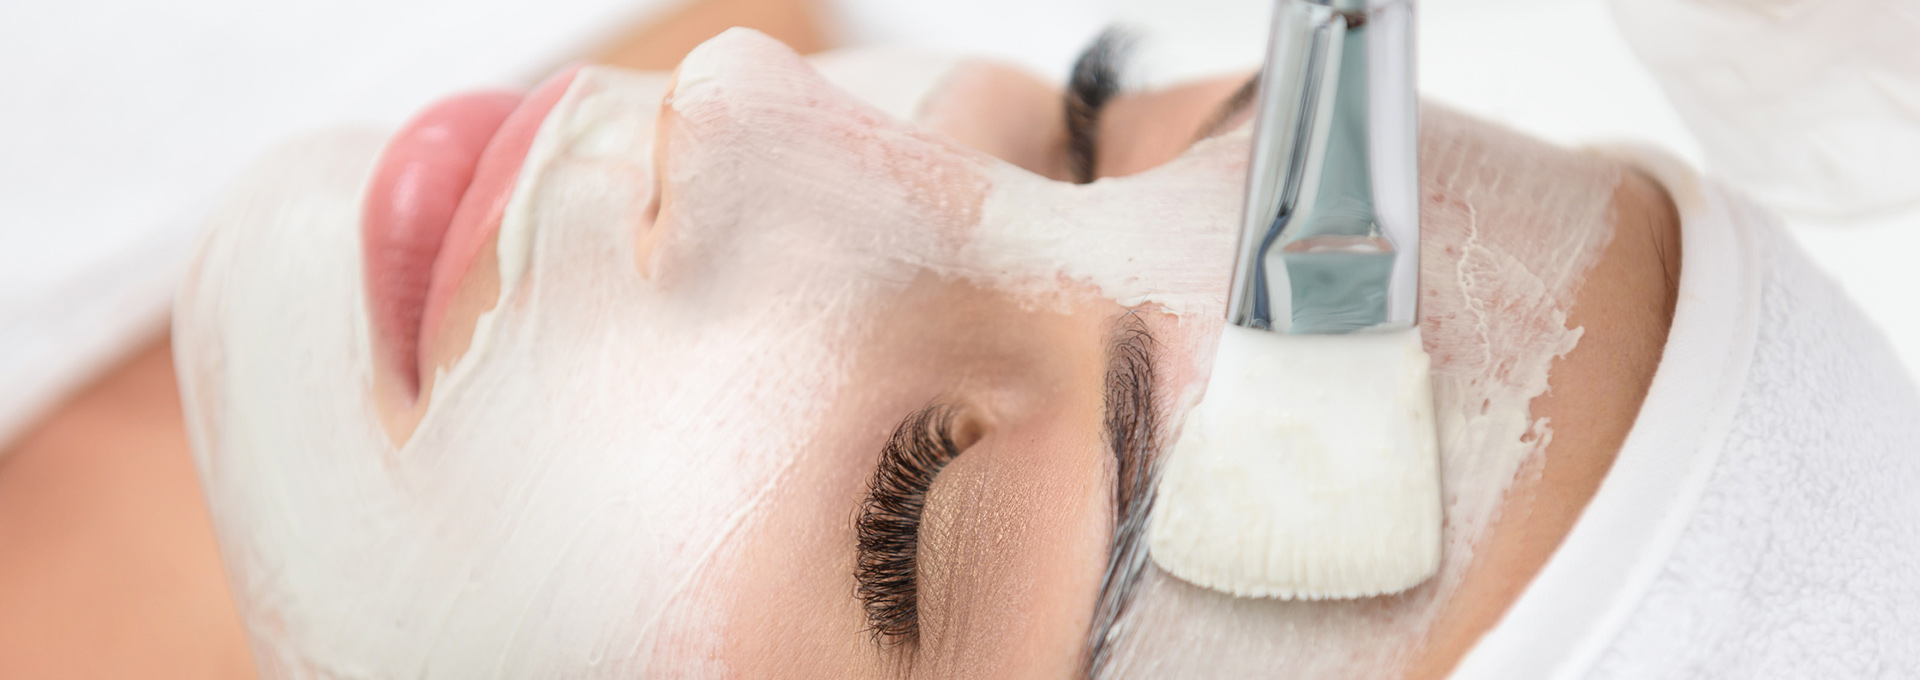 Kosmetik-Stolberg-Hameln-Gutschein-Spezialbehandlungen